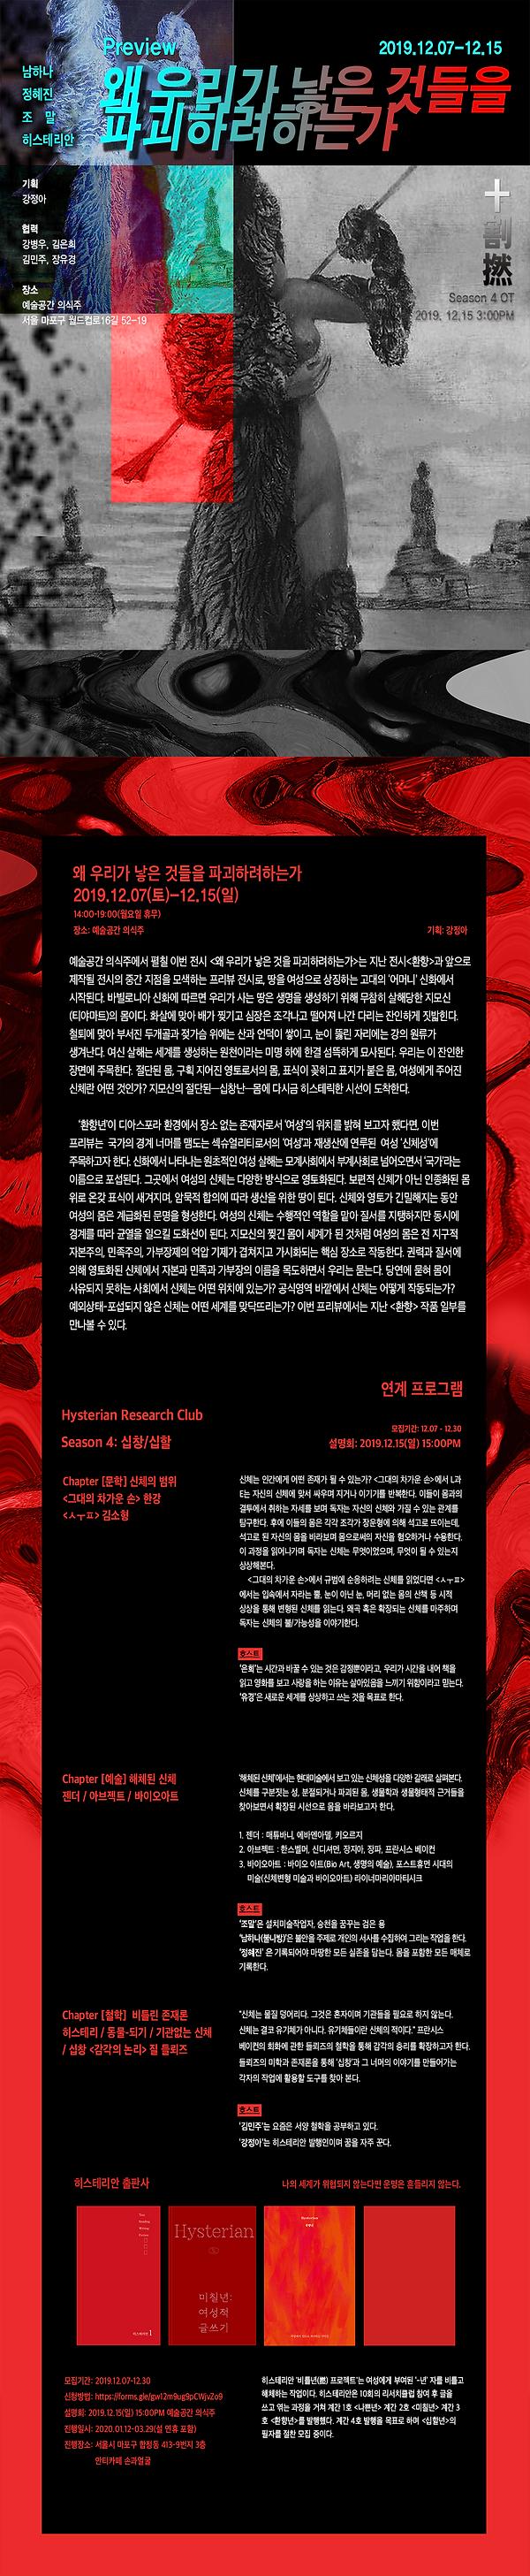 진짜최종_포스터(12.07).png